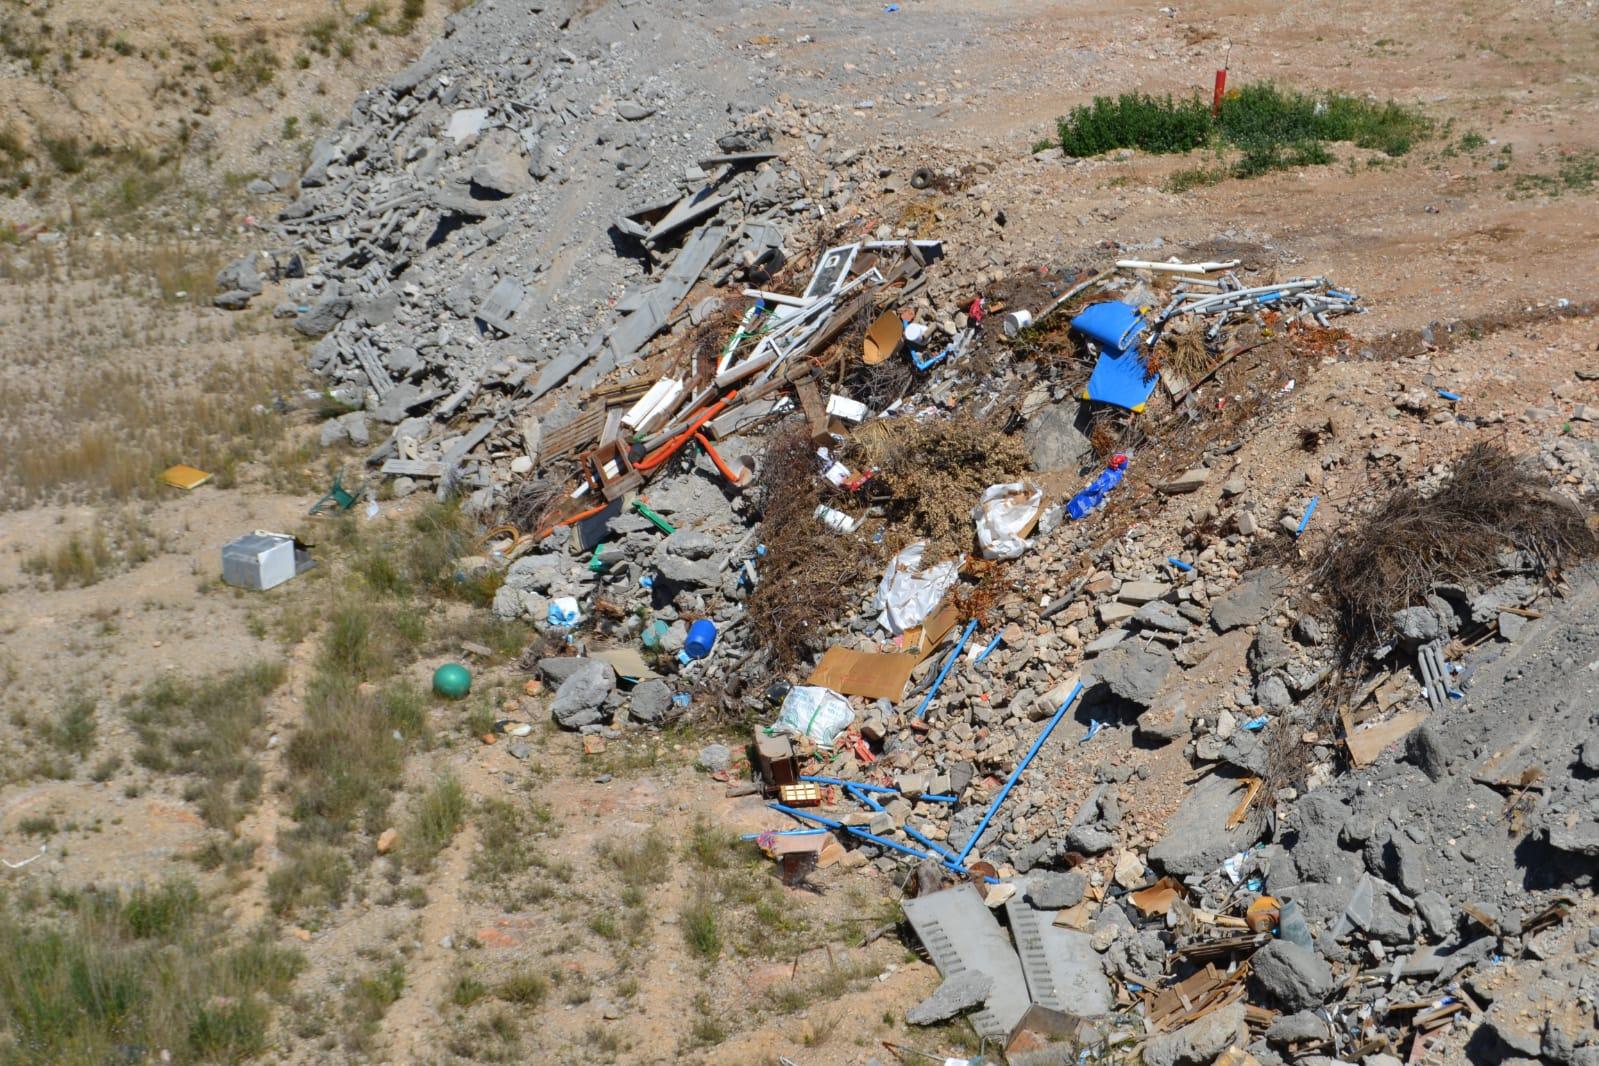 Cuartiella (PSPV-PSOE) pide información sobre la sanción que ha recibido el gobierno del PP por el vertido incontrolado de residuos en Sant Rafel del Riu